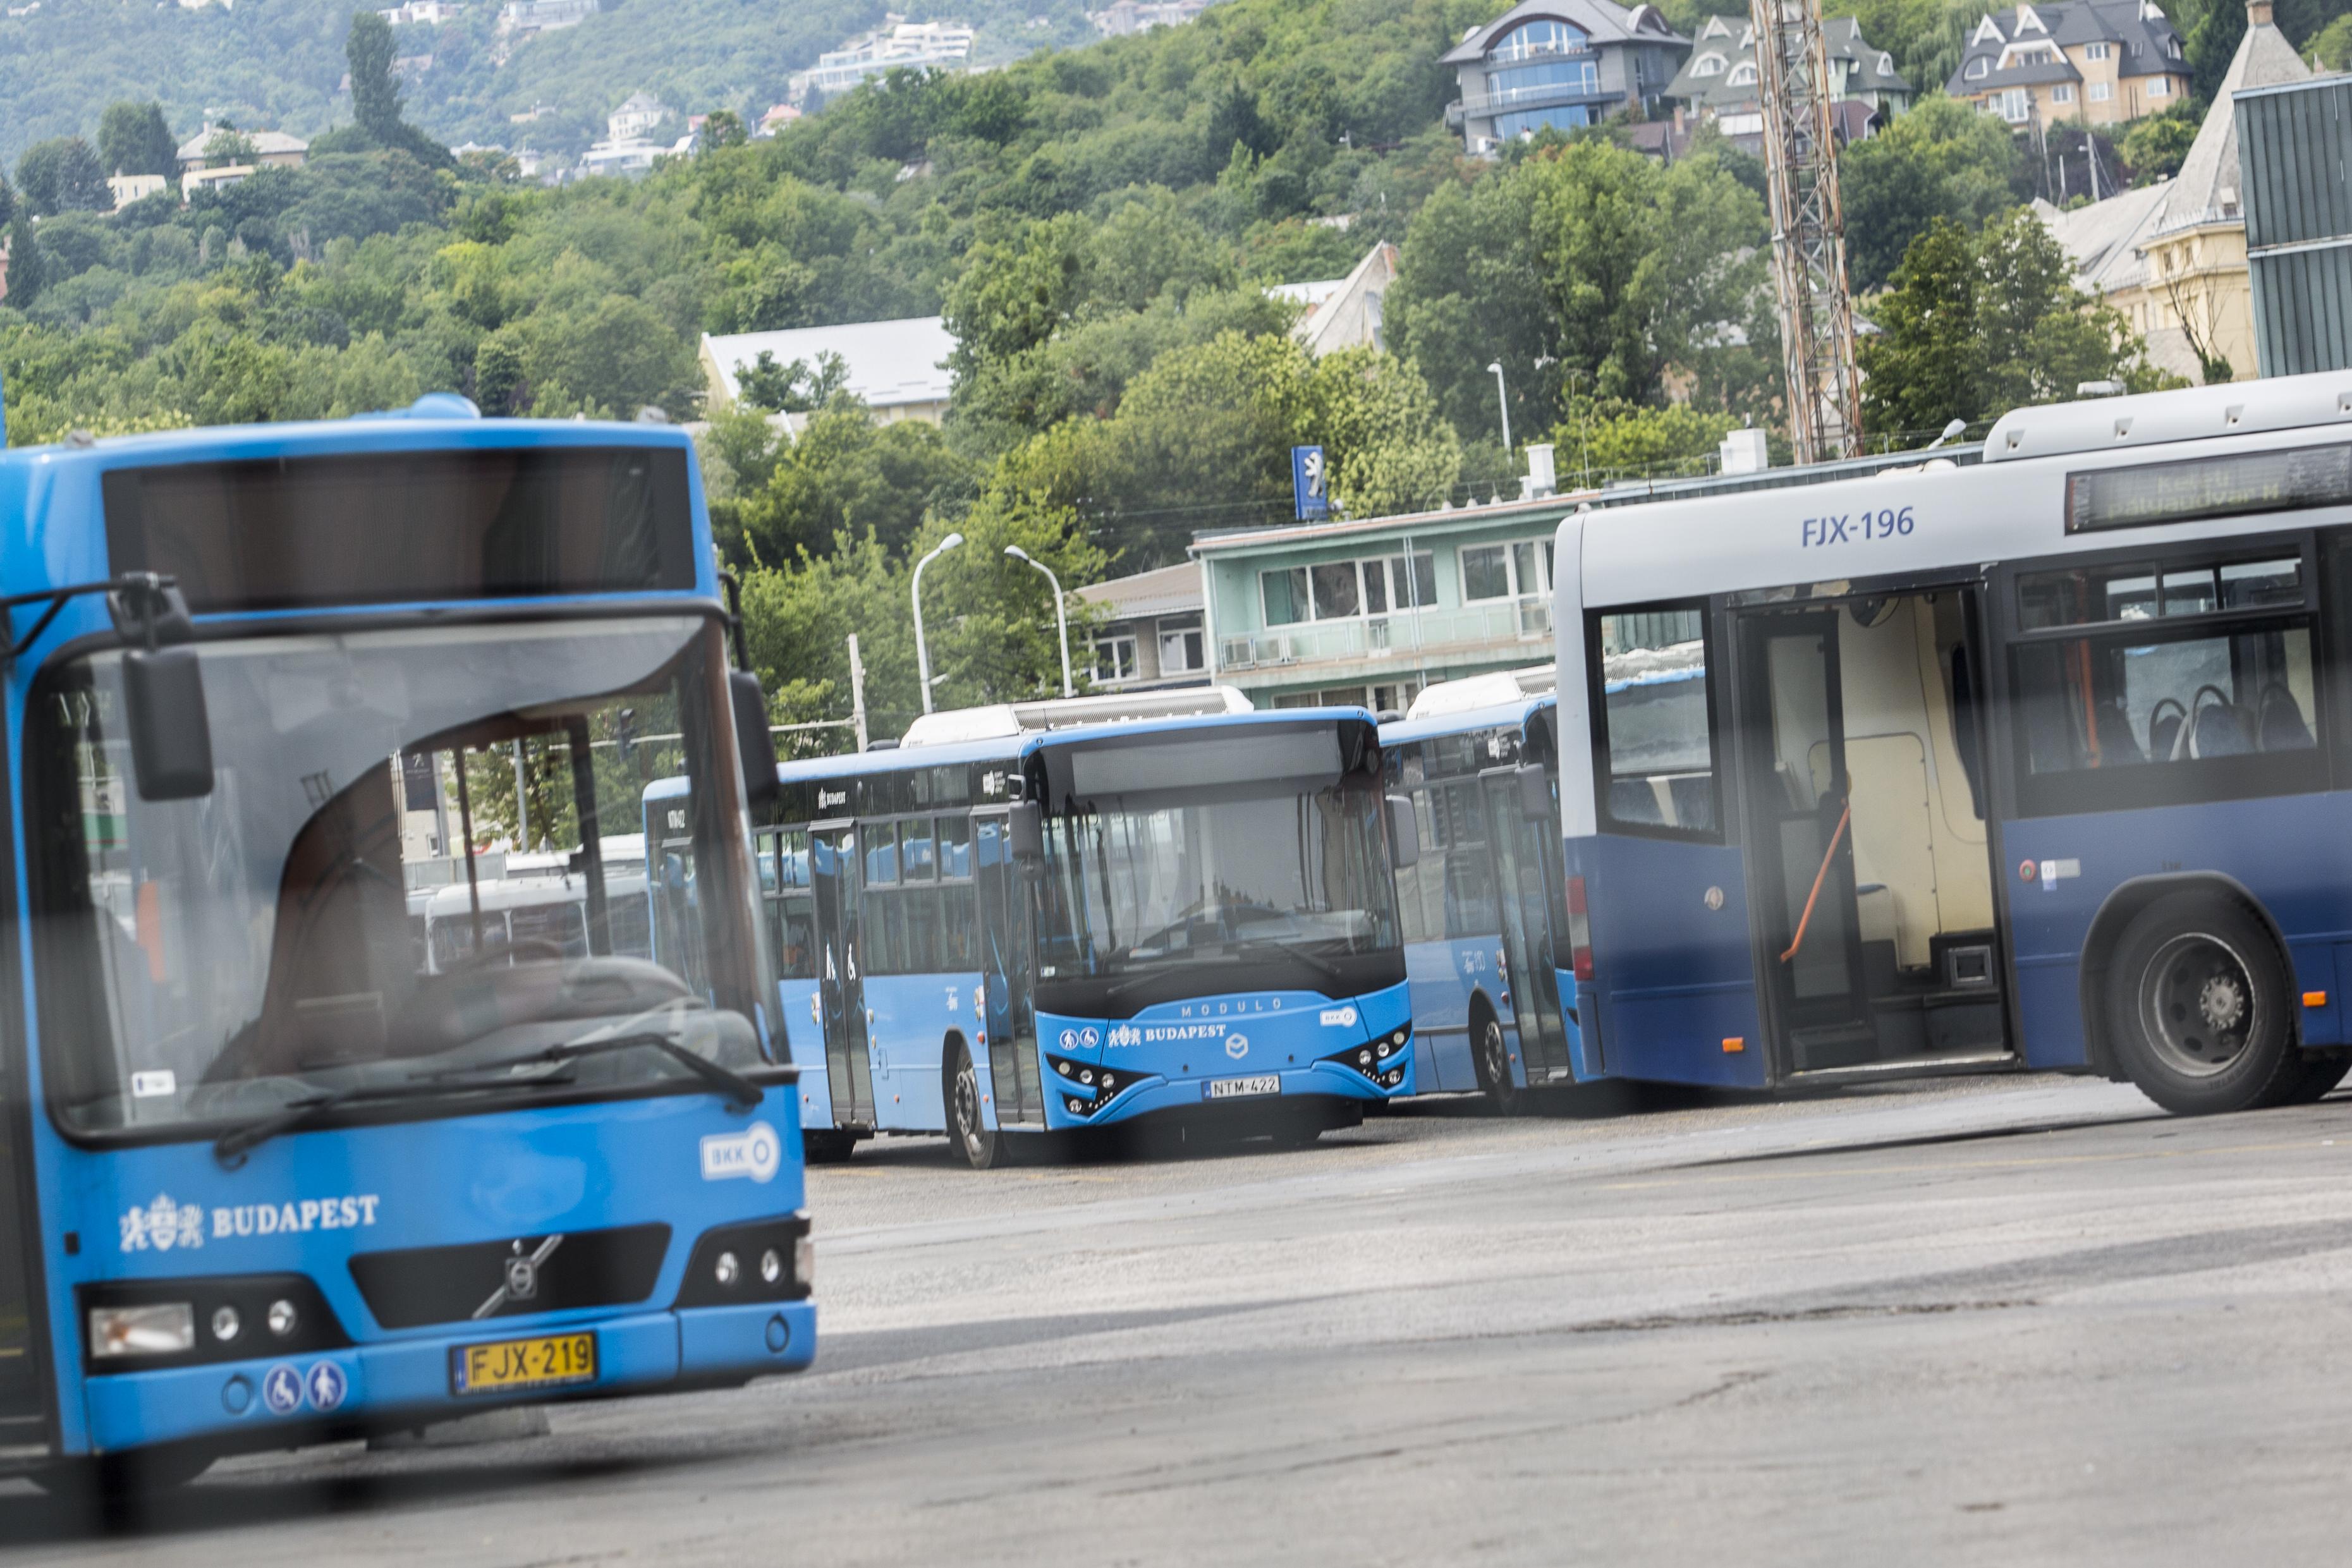 Ciprusi offshore cég áll amögött a vállalat mögött, amitől a BKV buszokat fog bérelni